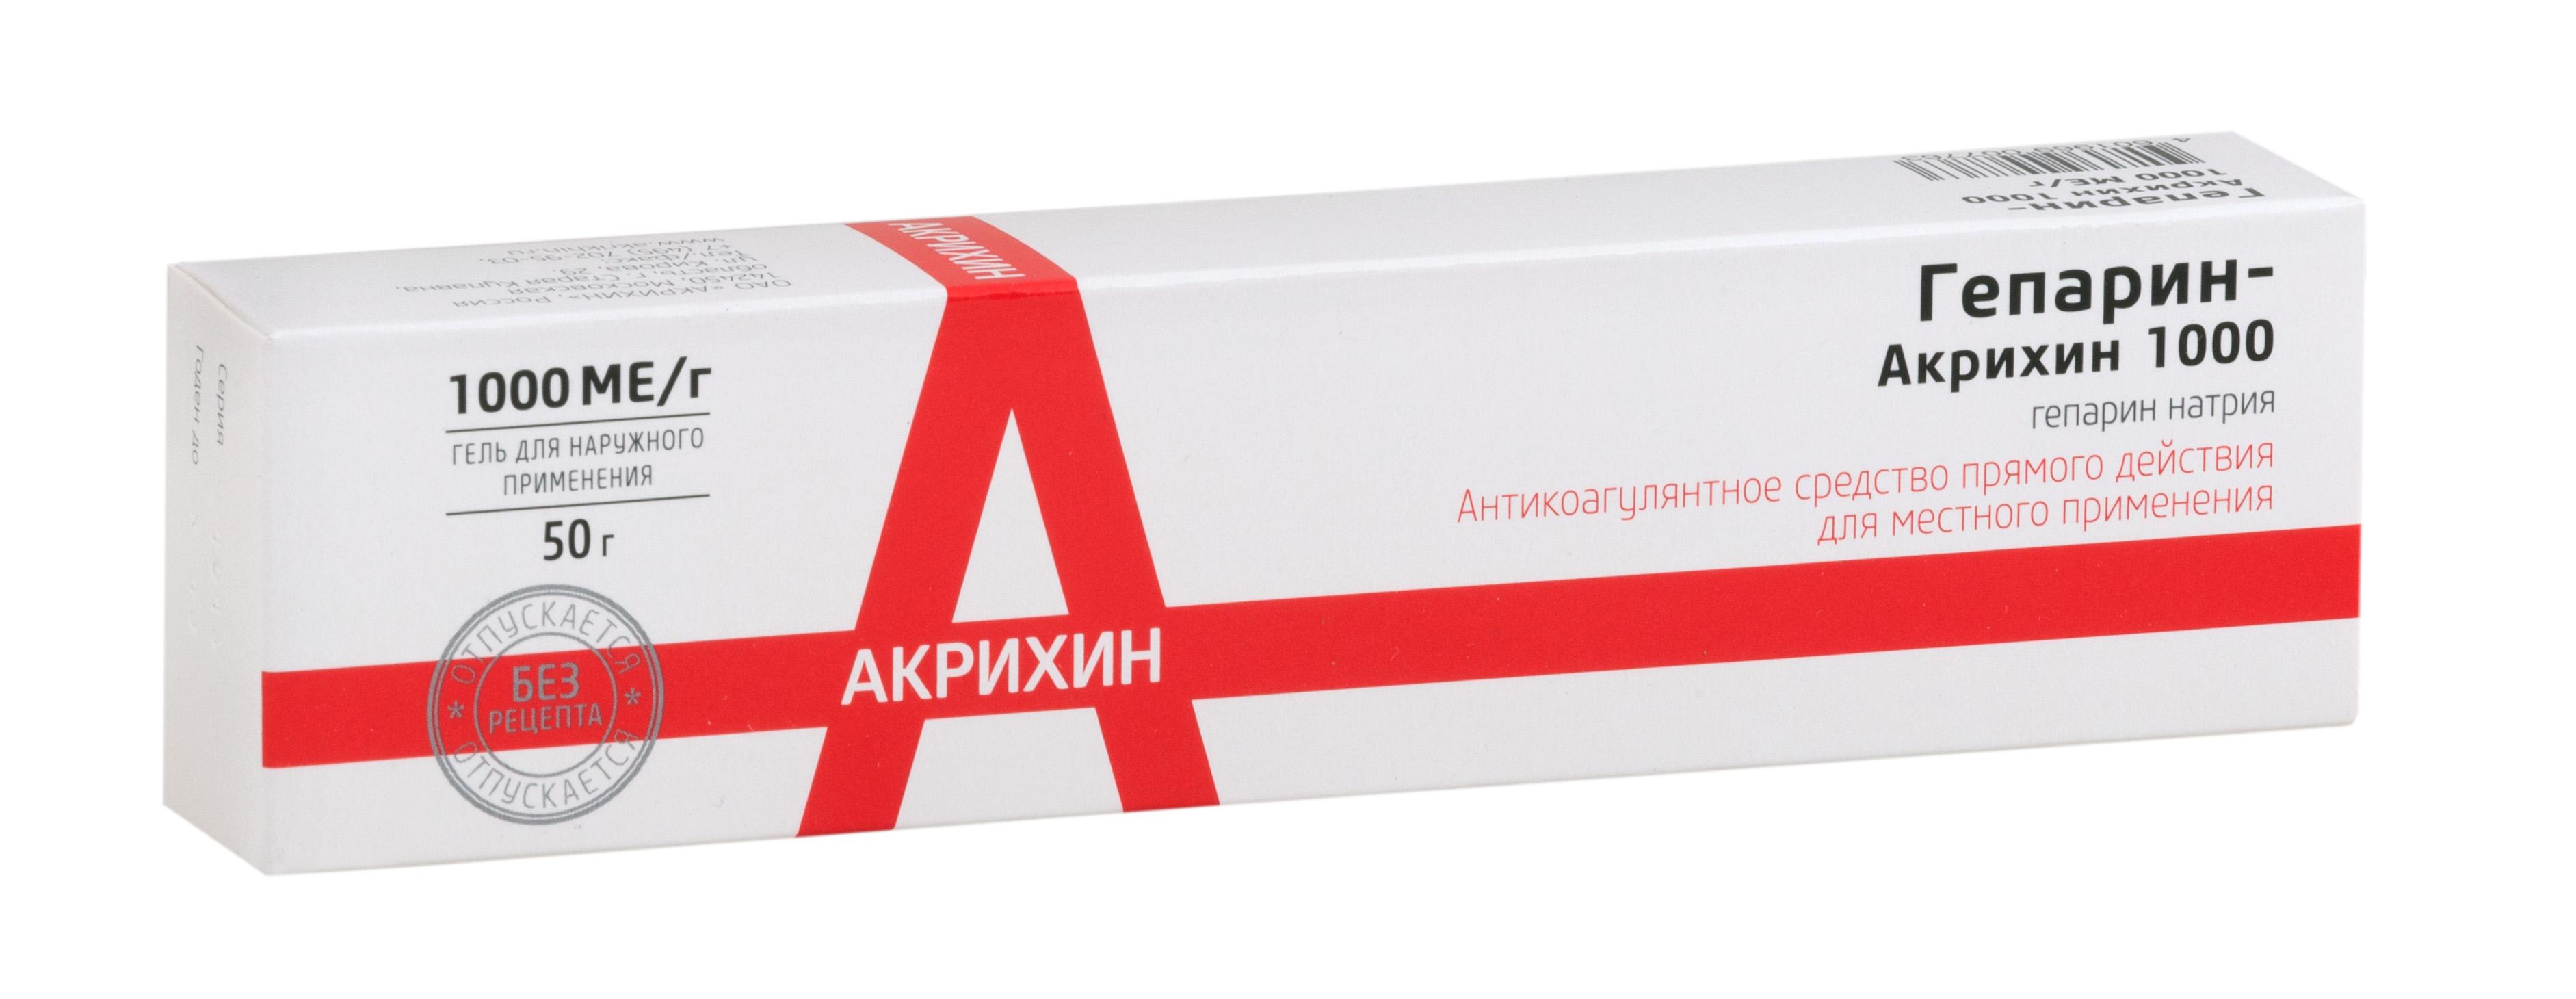 Гепарин-акрихин 1000 гель д/нар. прим. 1000ме/г туба 50г